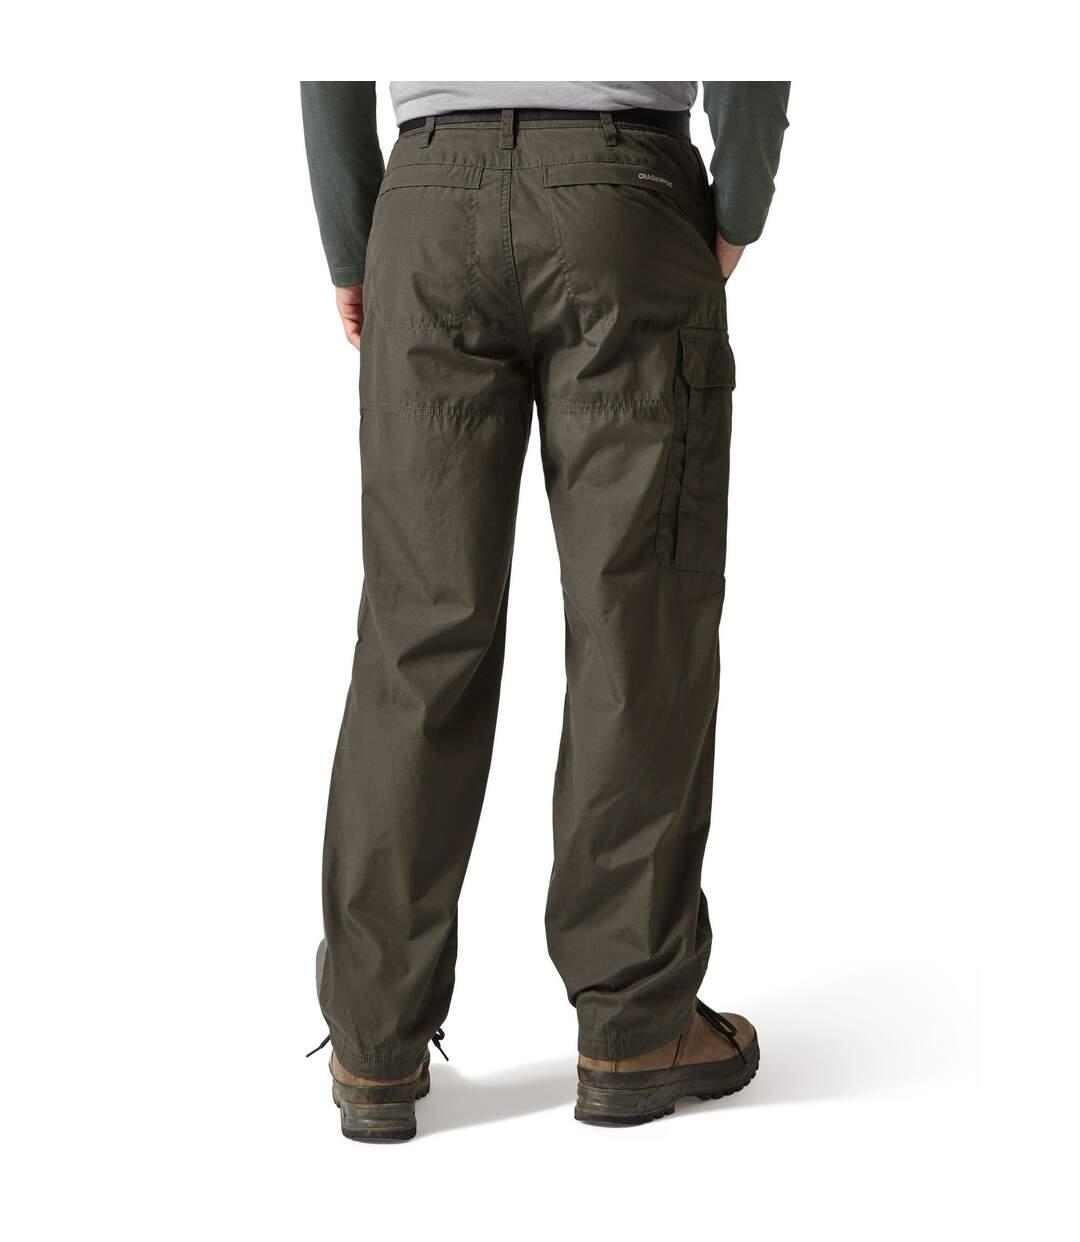 Craghoppers - Pantalon Kiwi - Homme (Marron foncé) - UTCG291